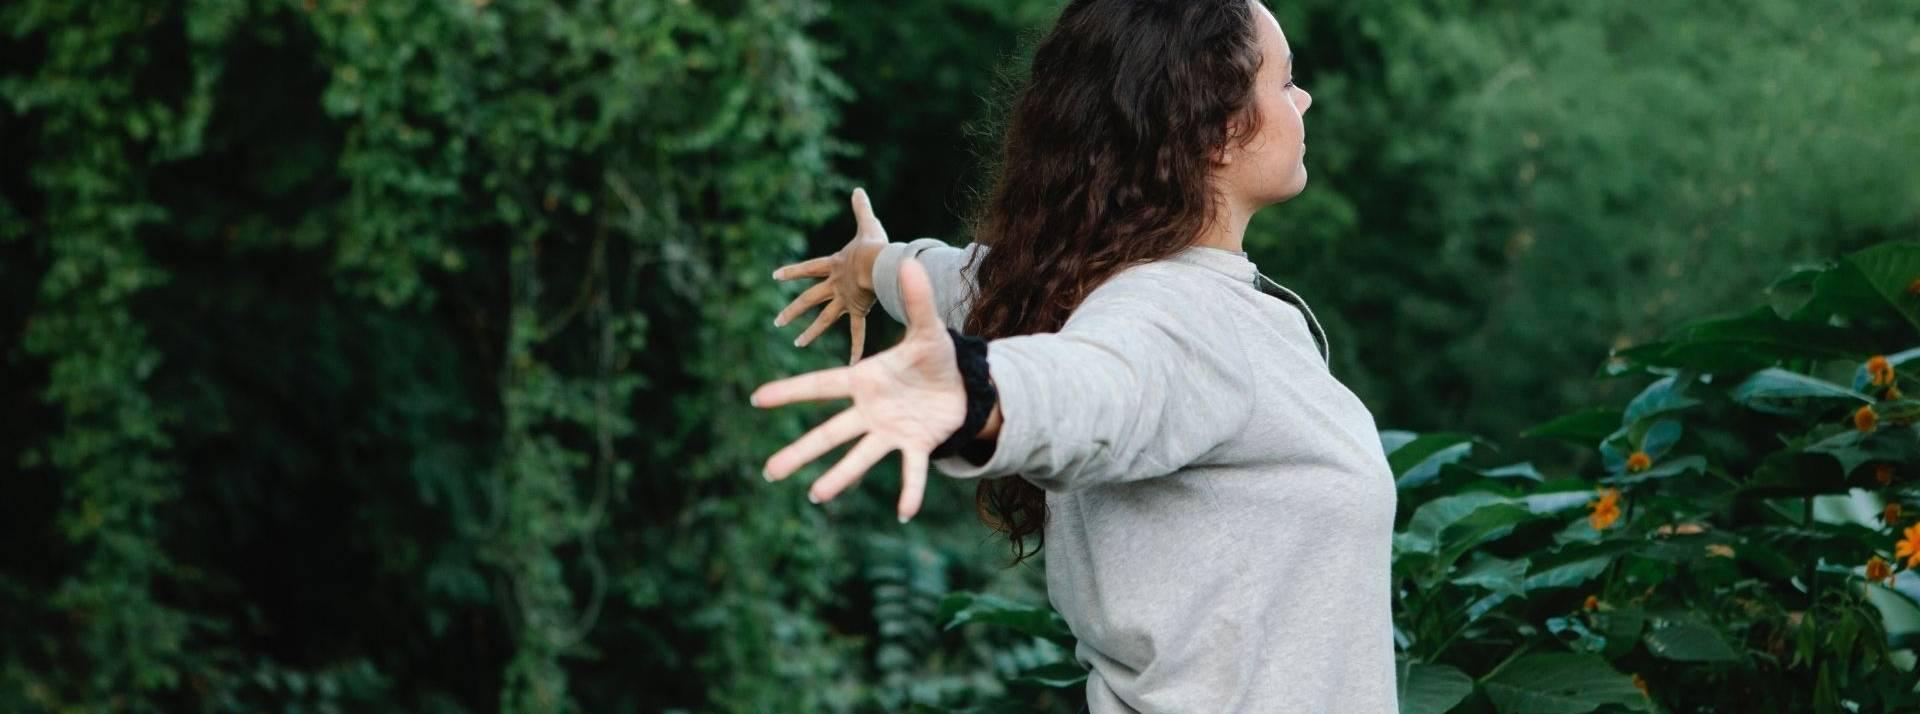 Jeune femme écratrant les bras entourée d'arbre